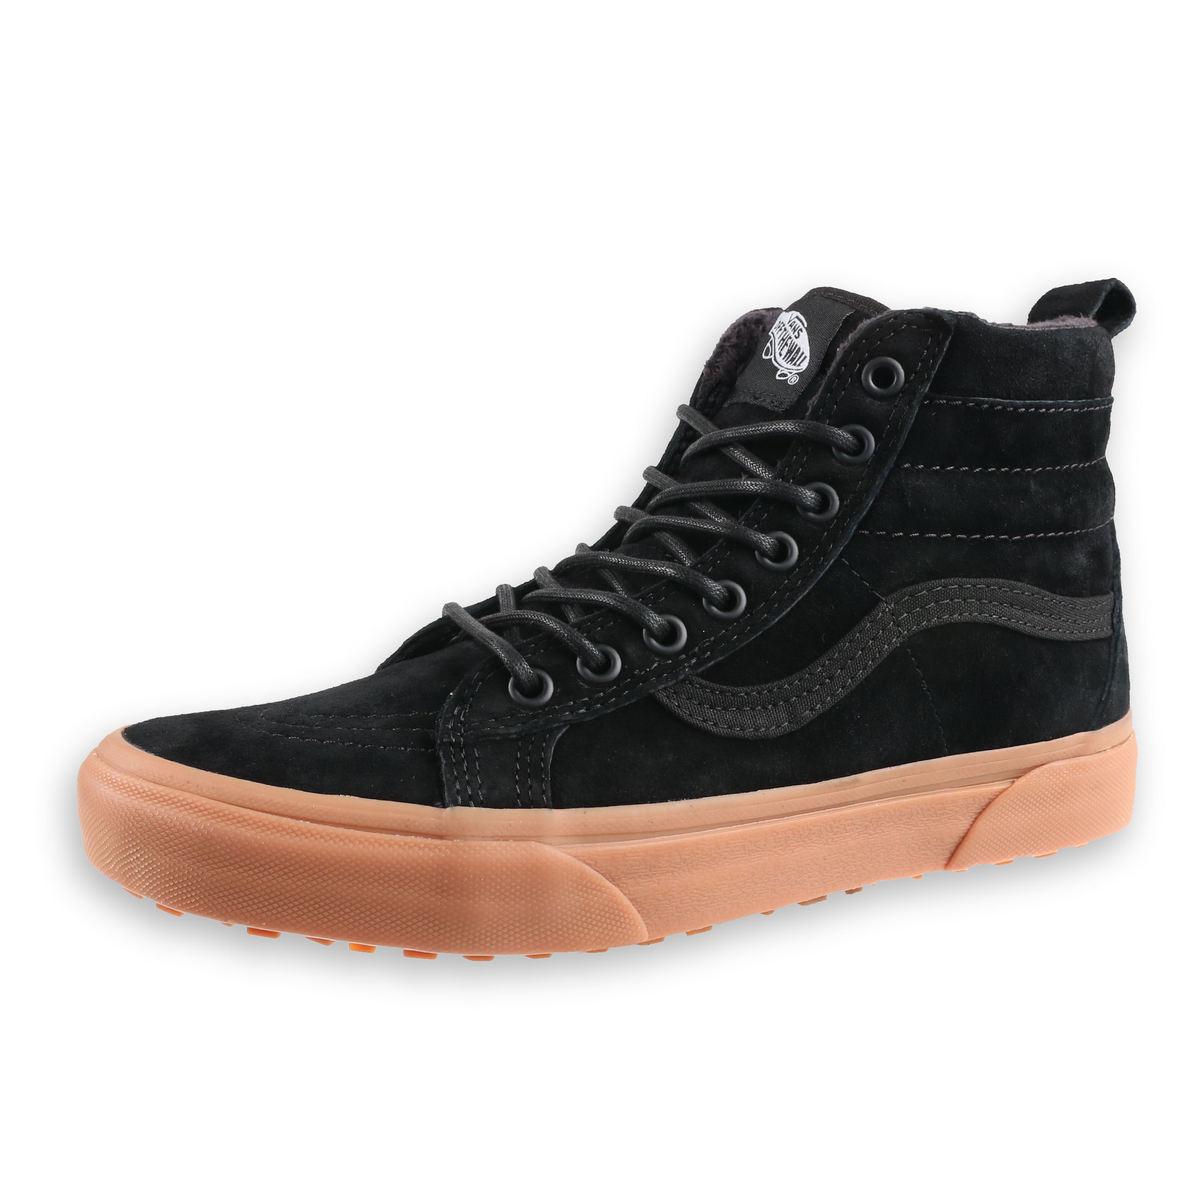 topánky zimný VANS - UA SK8-Hi - MTE BLACK   GUM - VN0A33TXGT71 ... d09322741f9